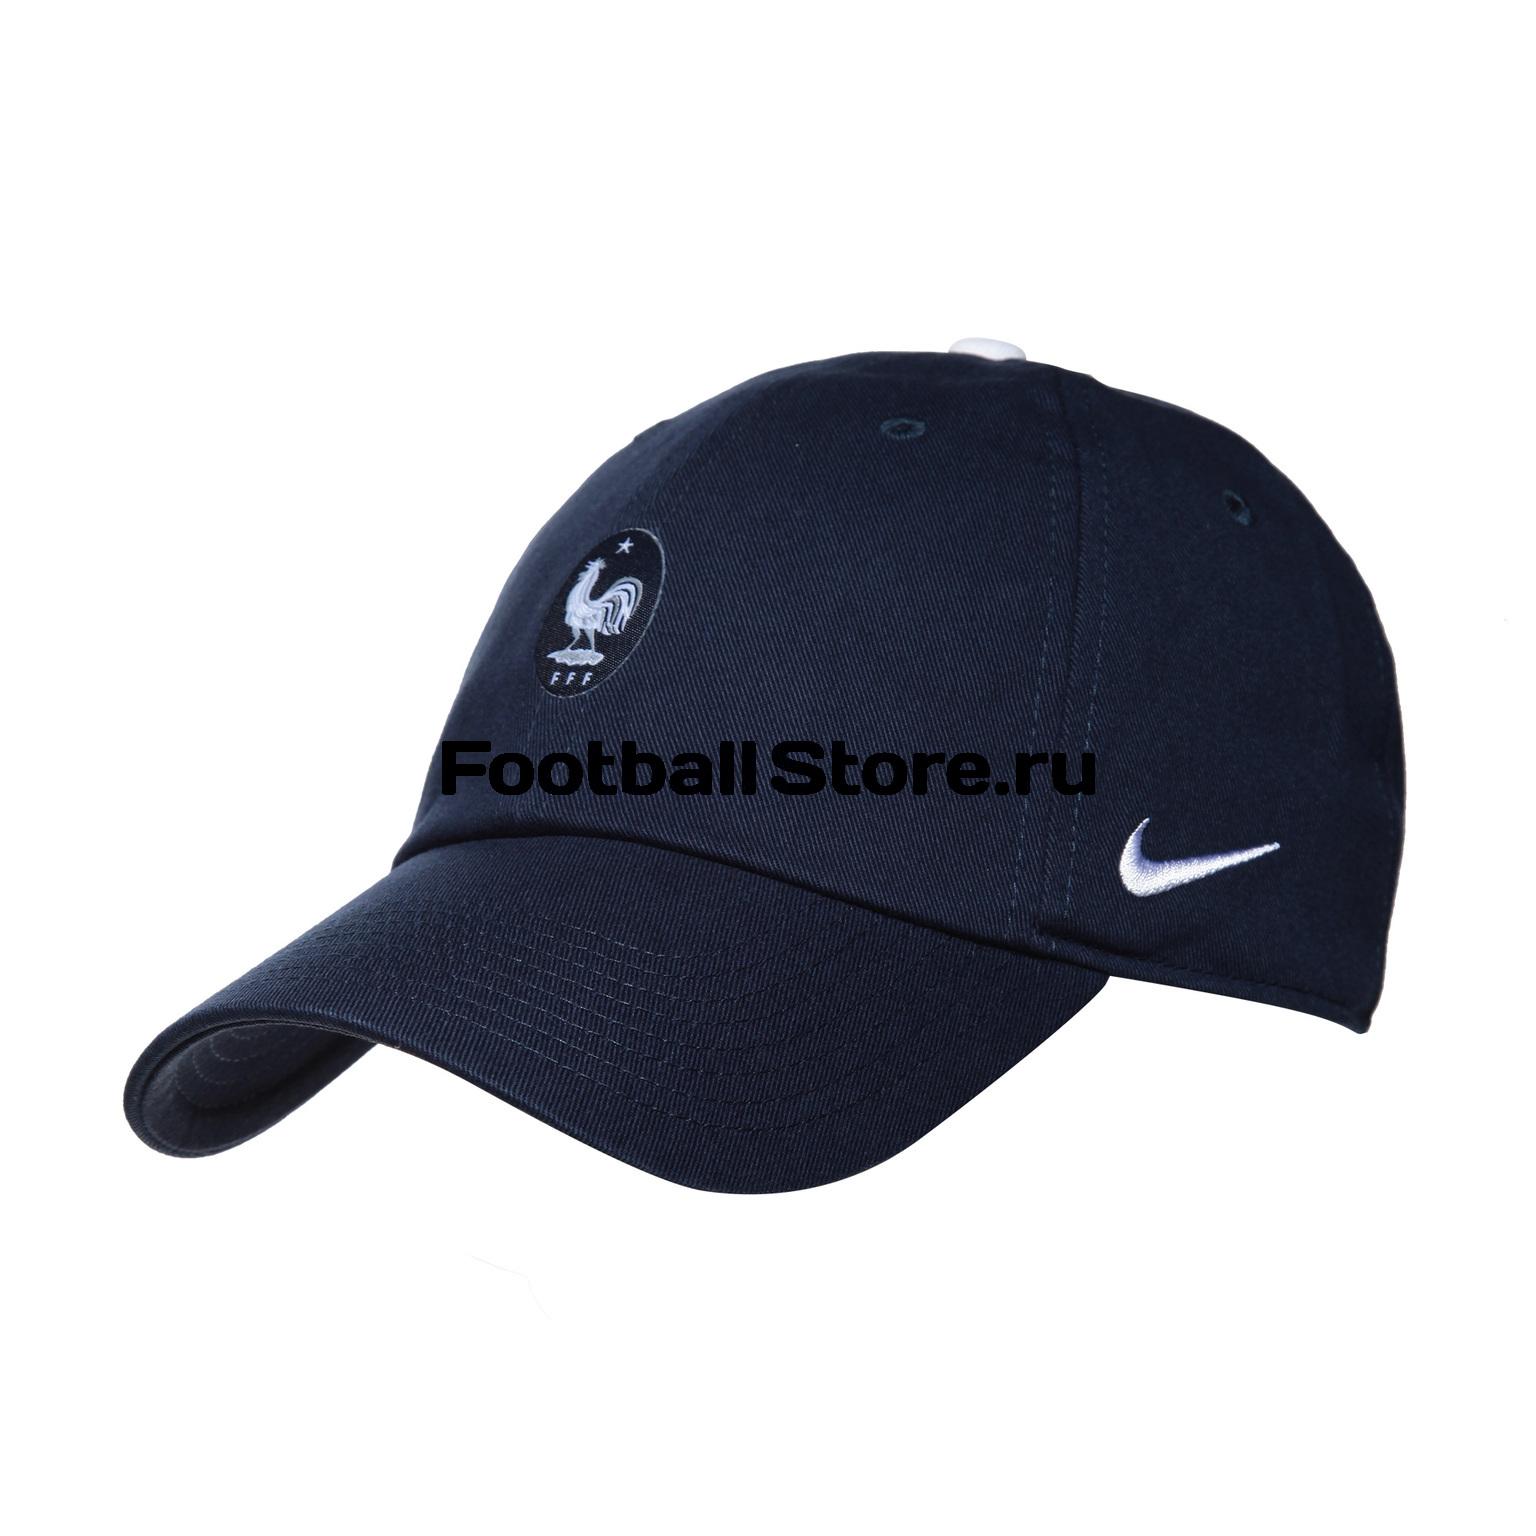 ... Бейсболка Nike сборная Франции 881713-451. О ТОВАРЕ  РАСЧЕТ ДОСТАВКИ 9000829c041